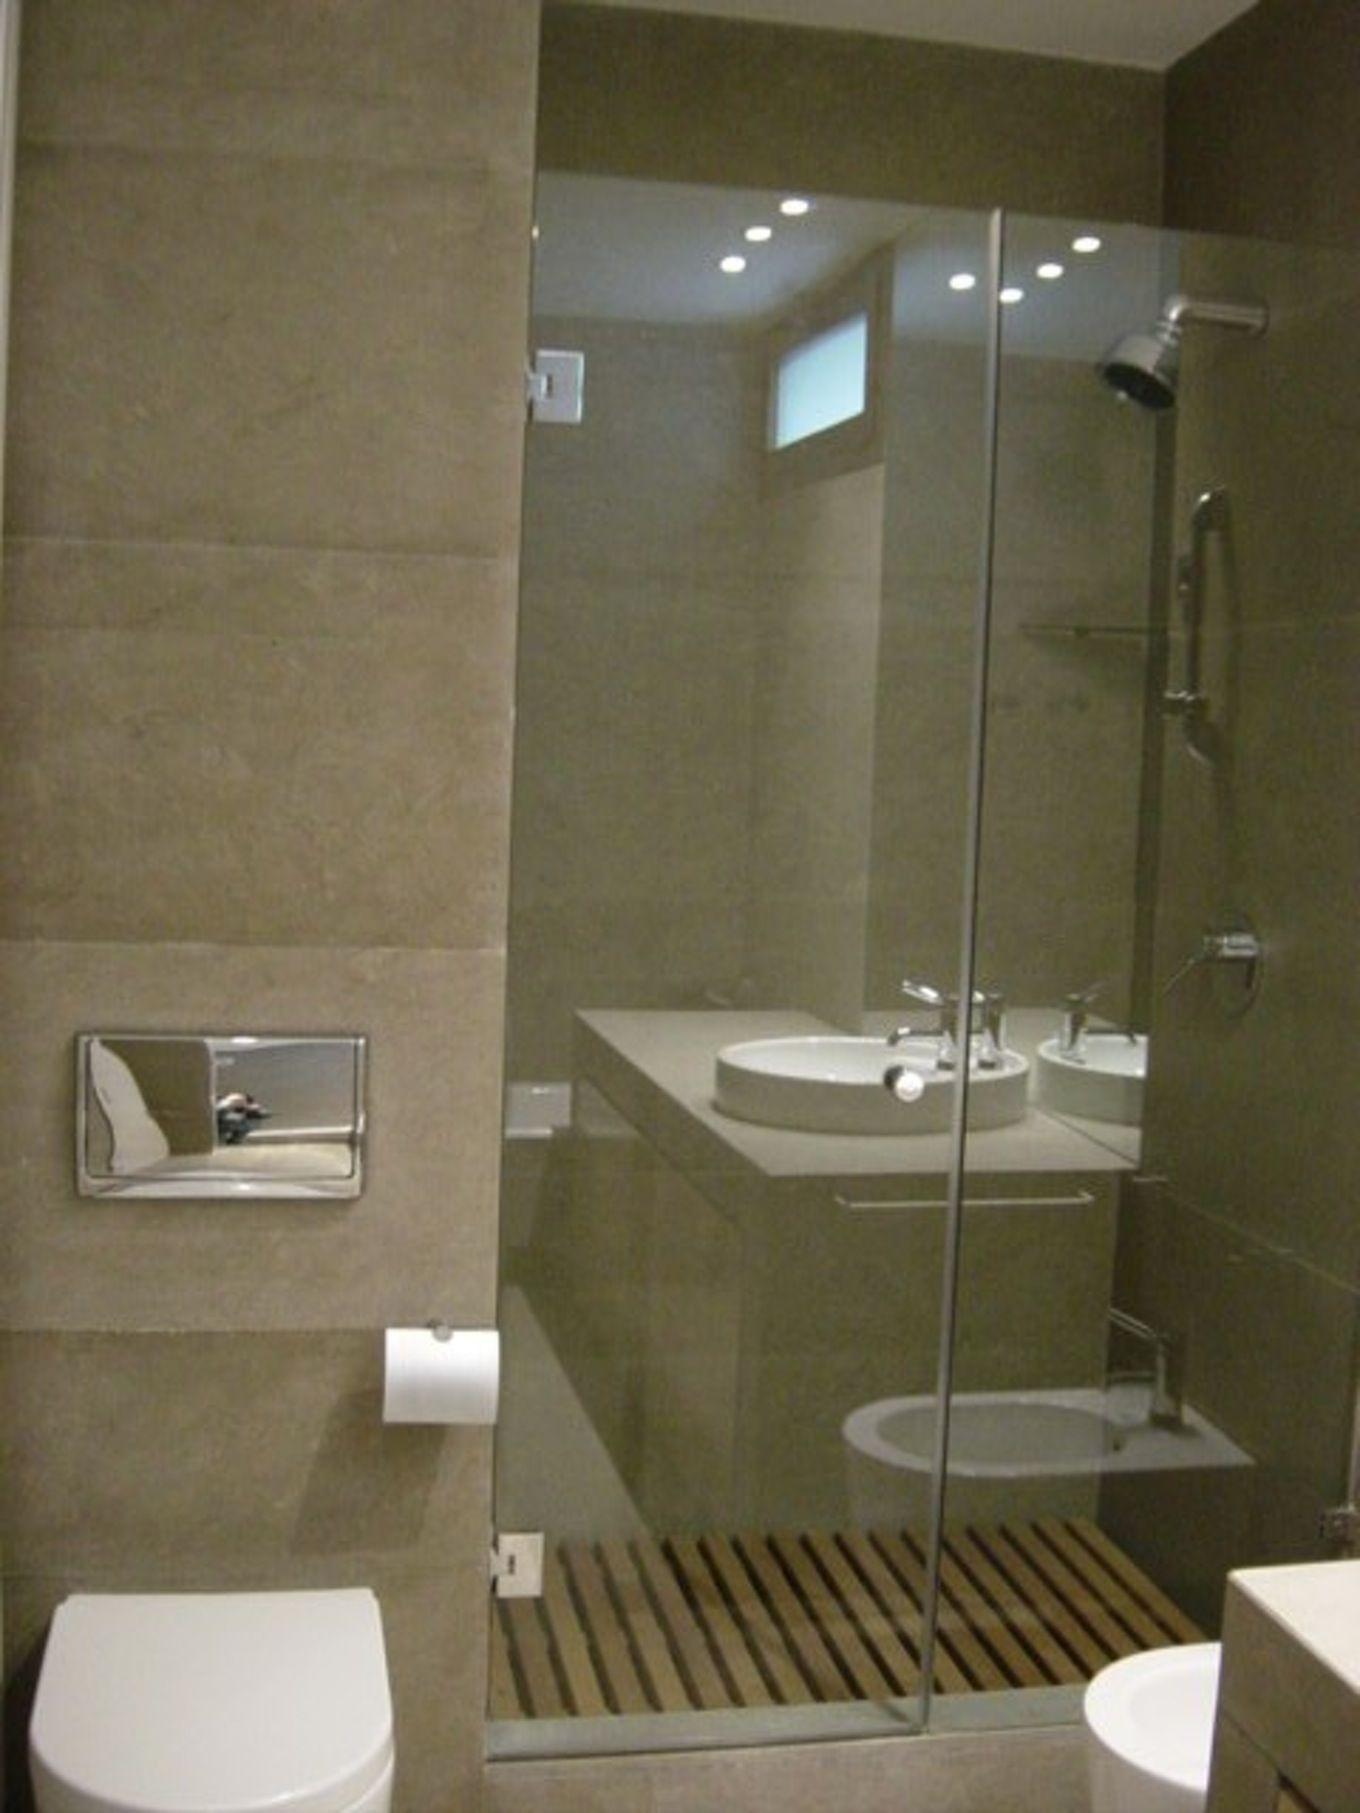 paroi de douche douches conceptions de petites de salle de bains petites salles de bain conception dintrieur maisons design intrieurs de maison - Salle De Bain Avec Douche A L Italienne